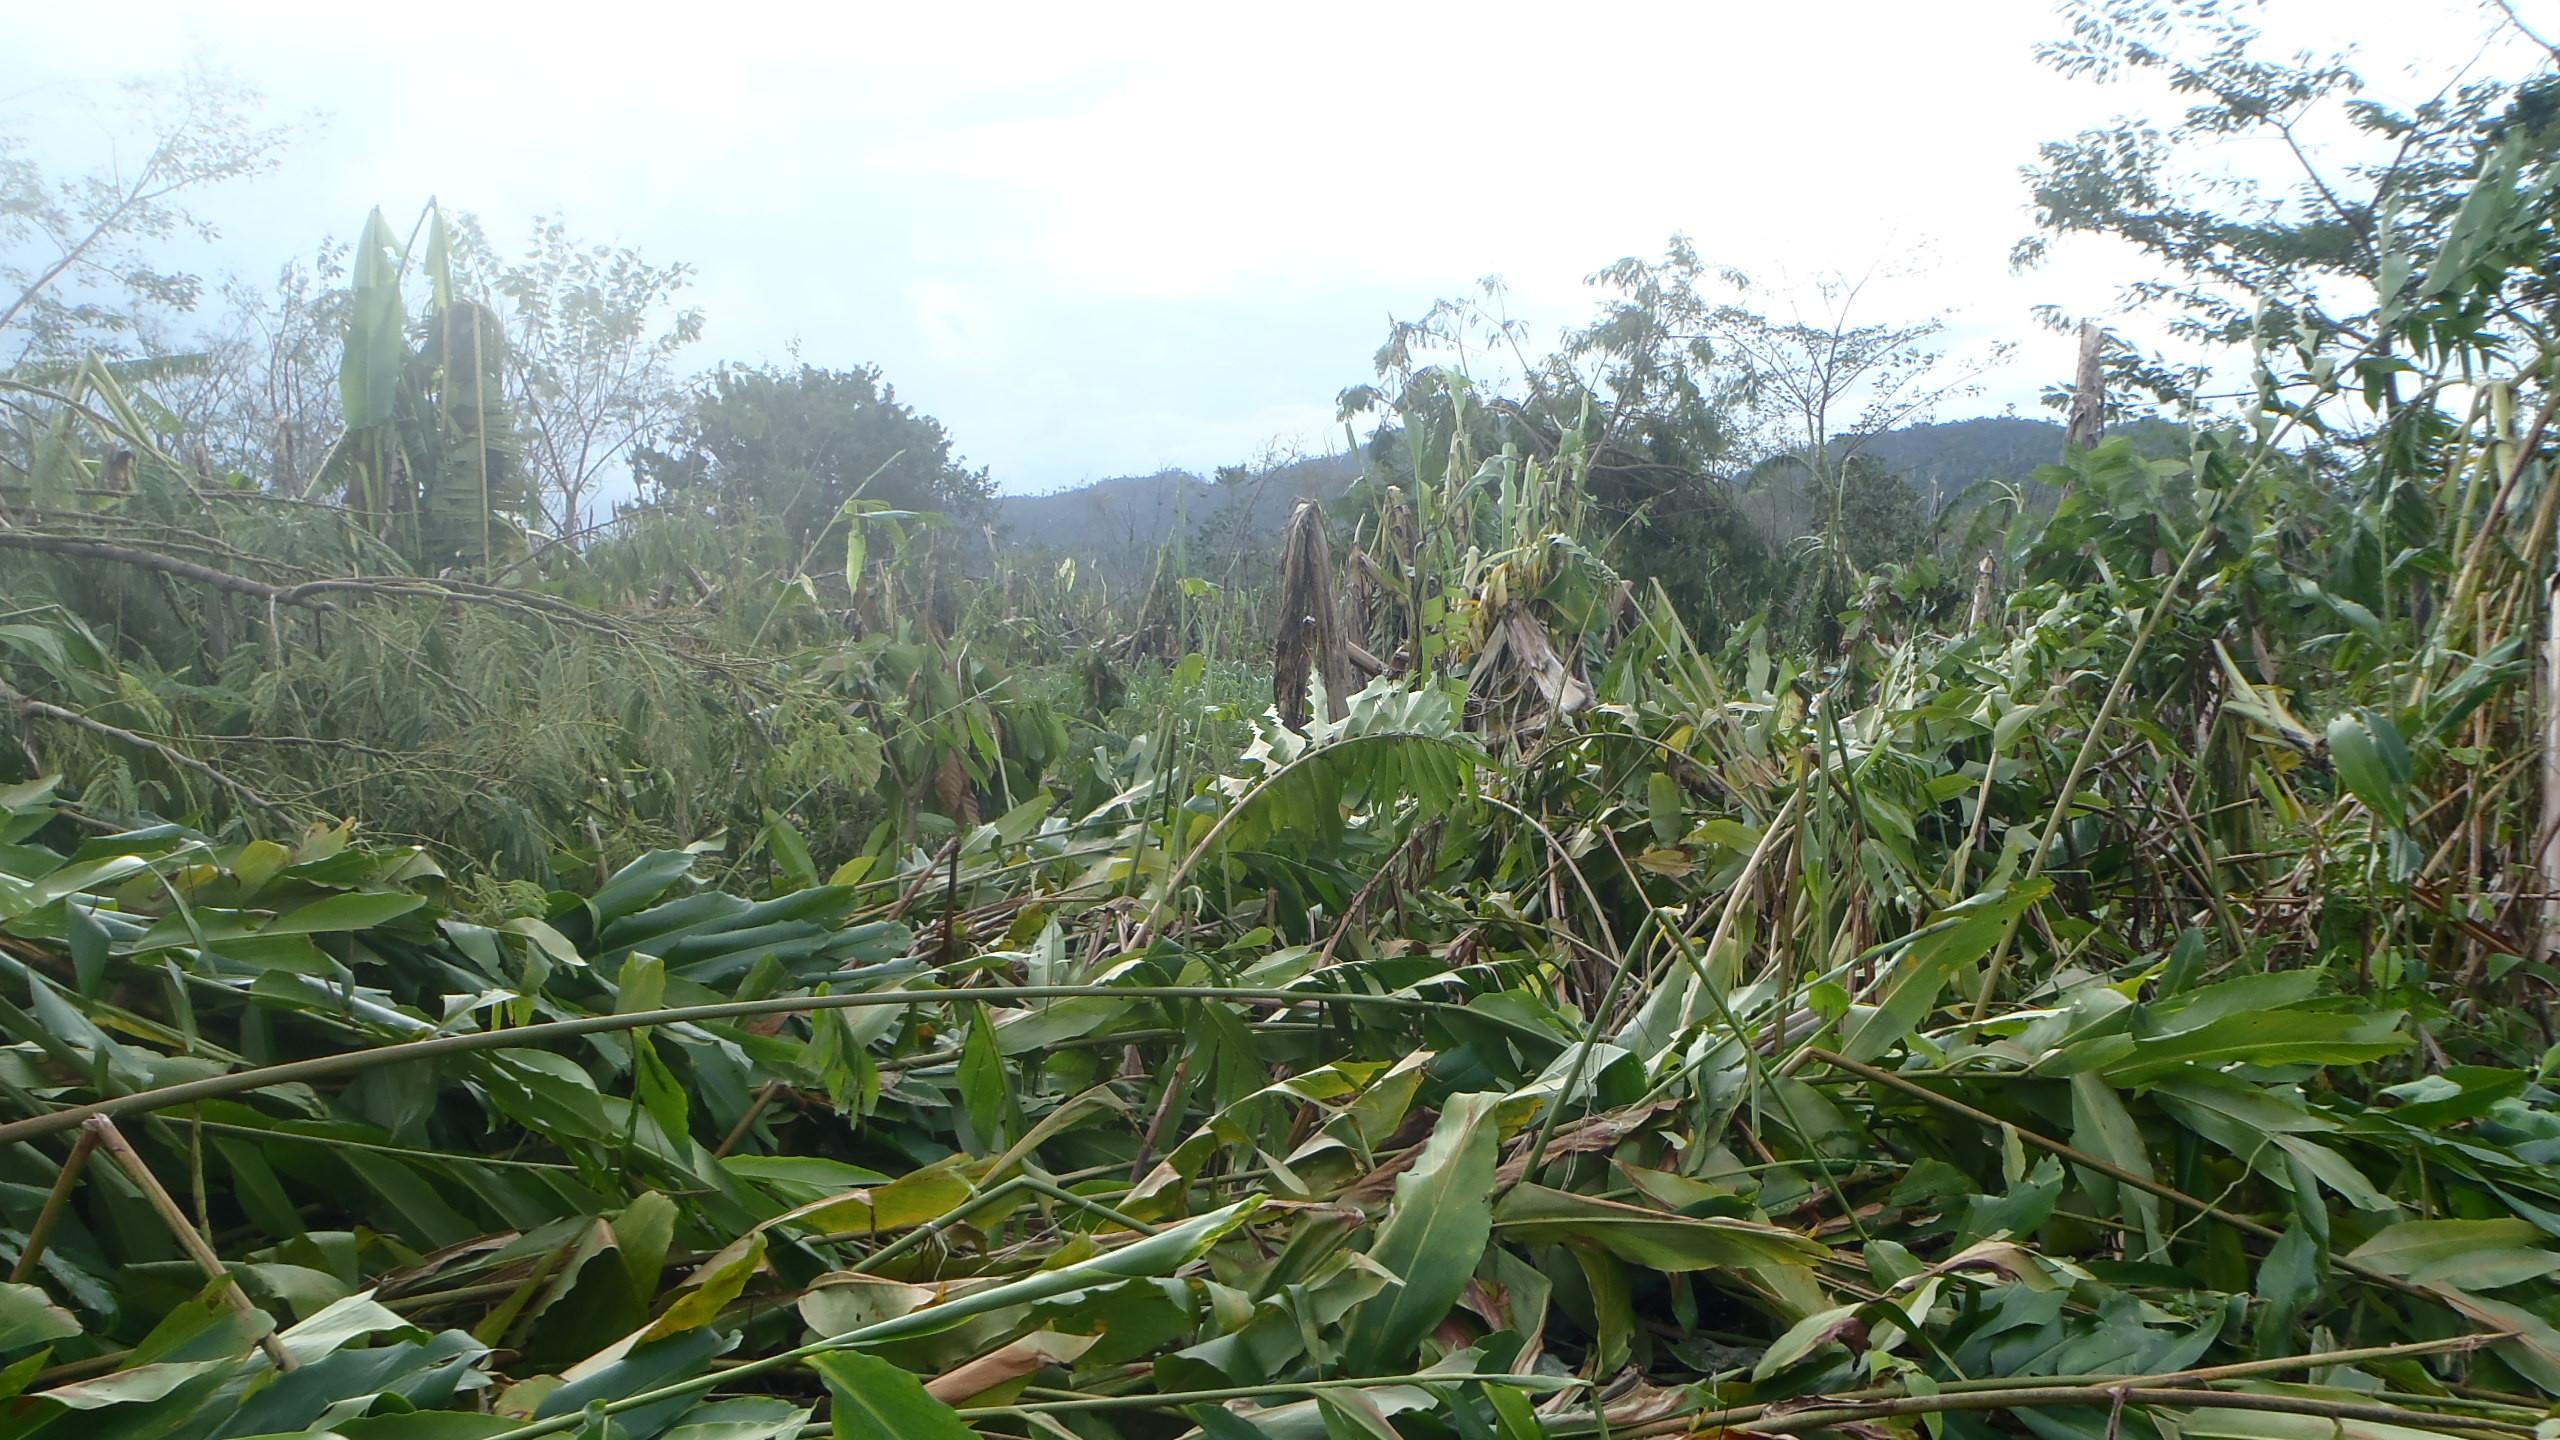 Plantation endommagée après cyclone